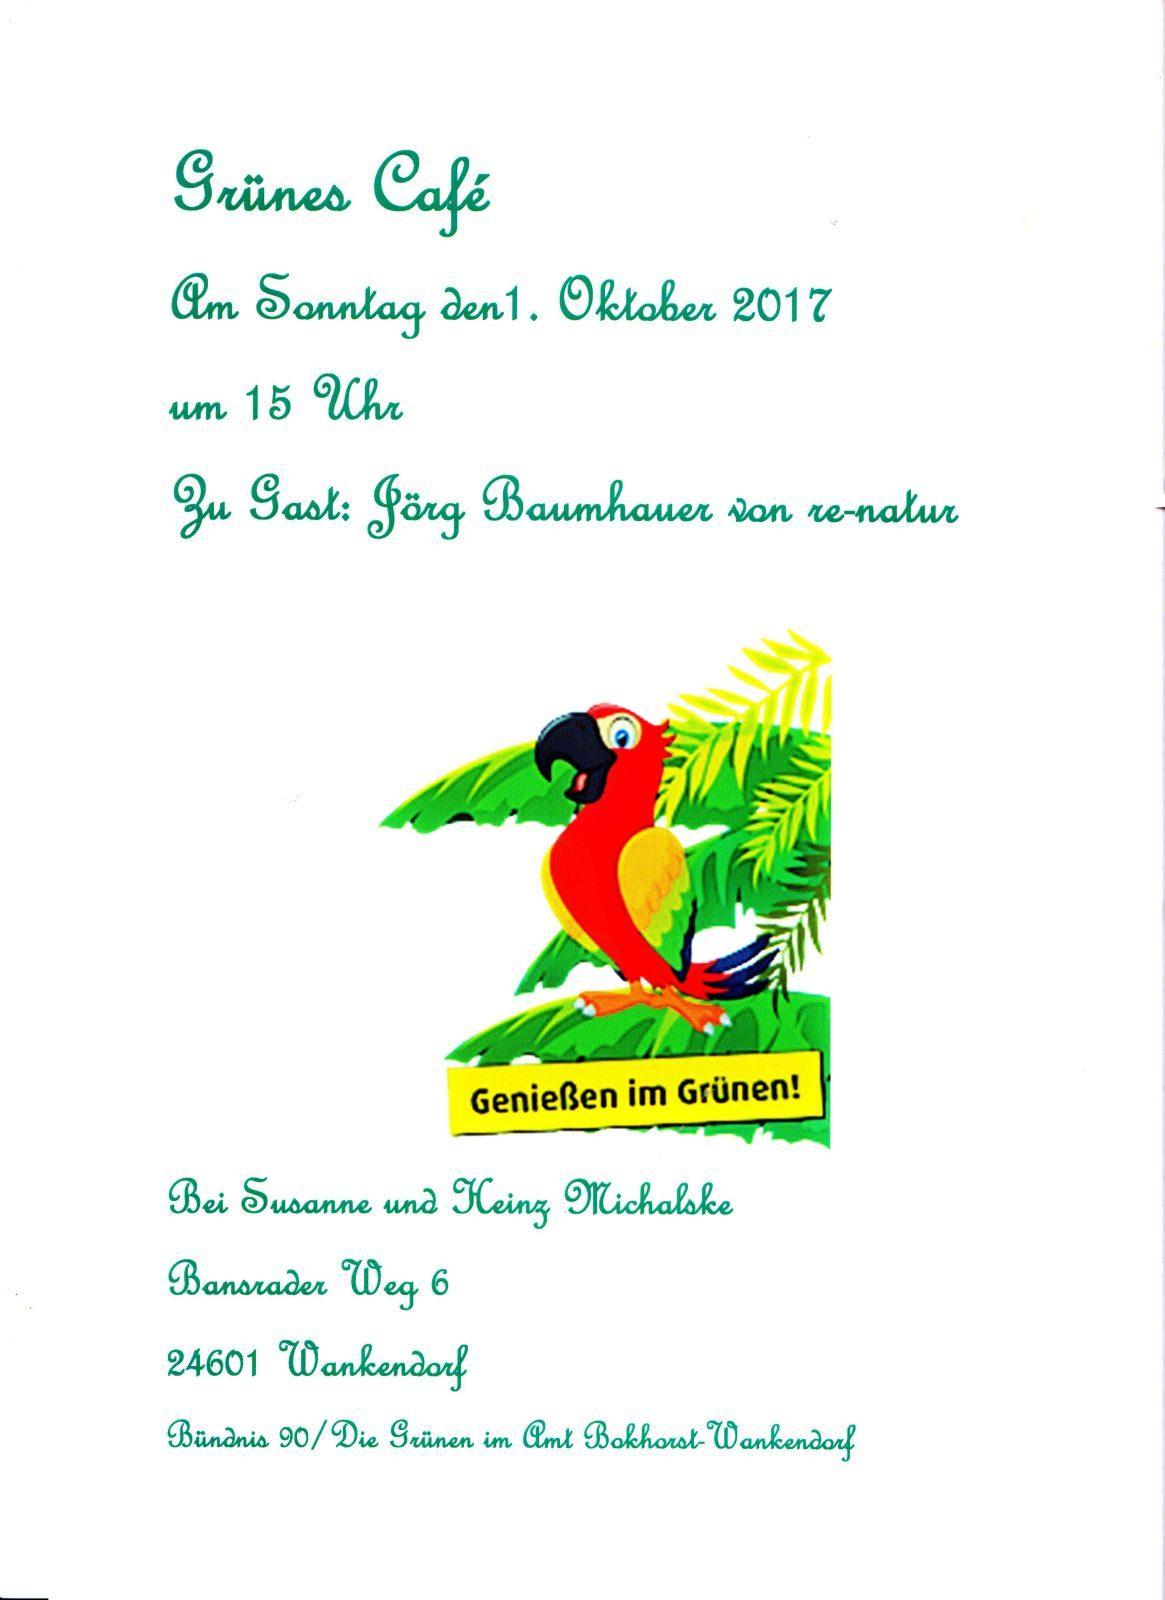 einladung zum grünen café | amt bokhorst-wankendorf, Einladung